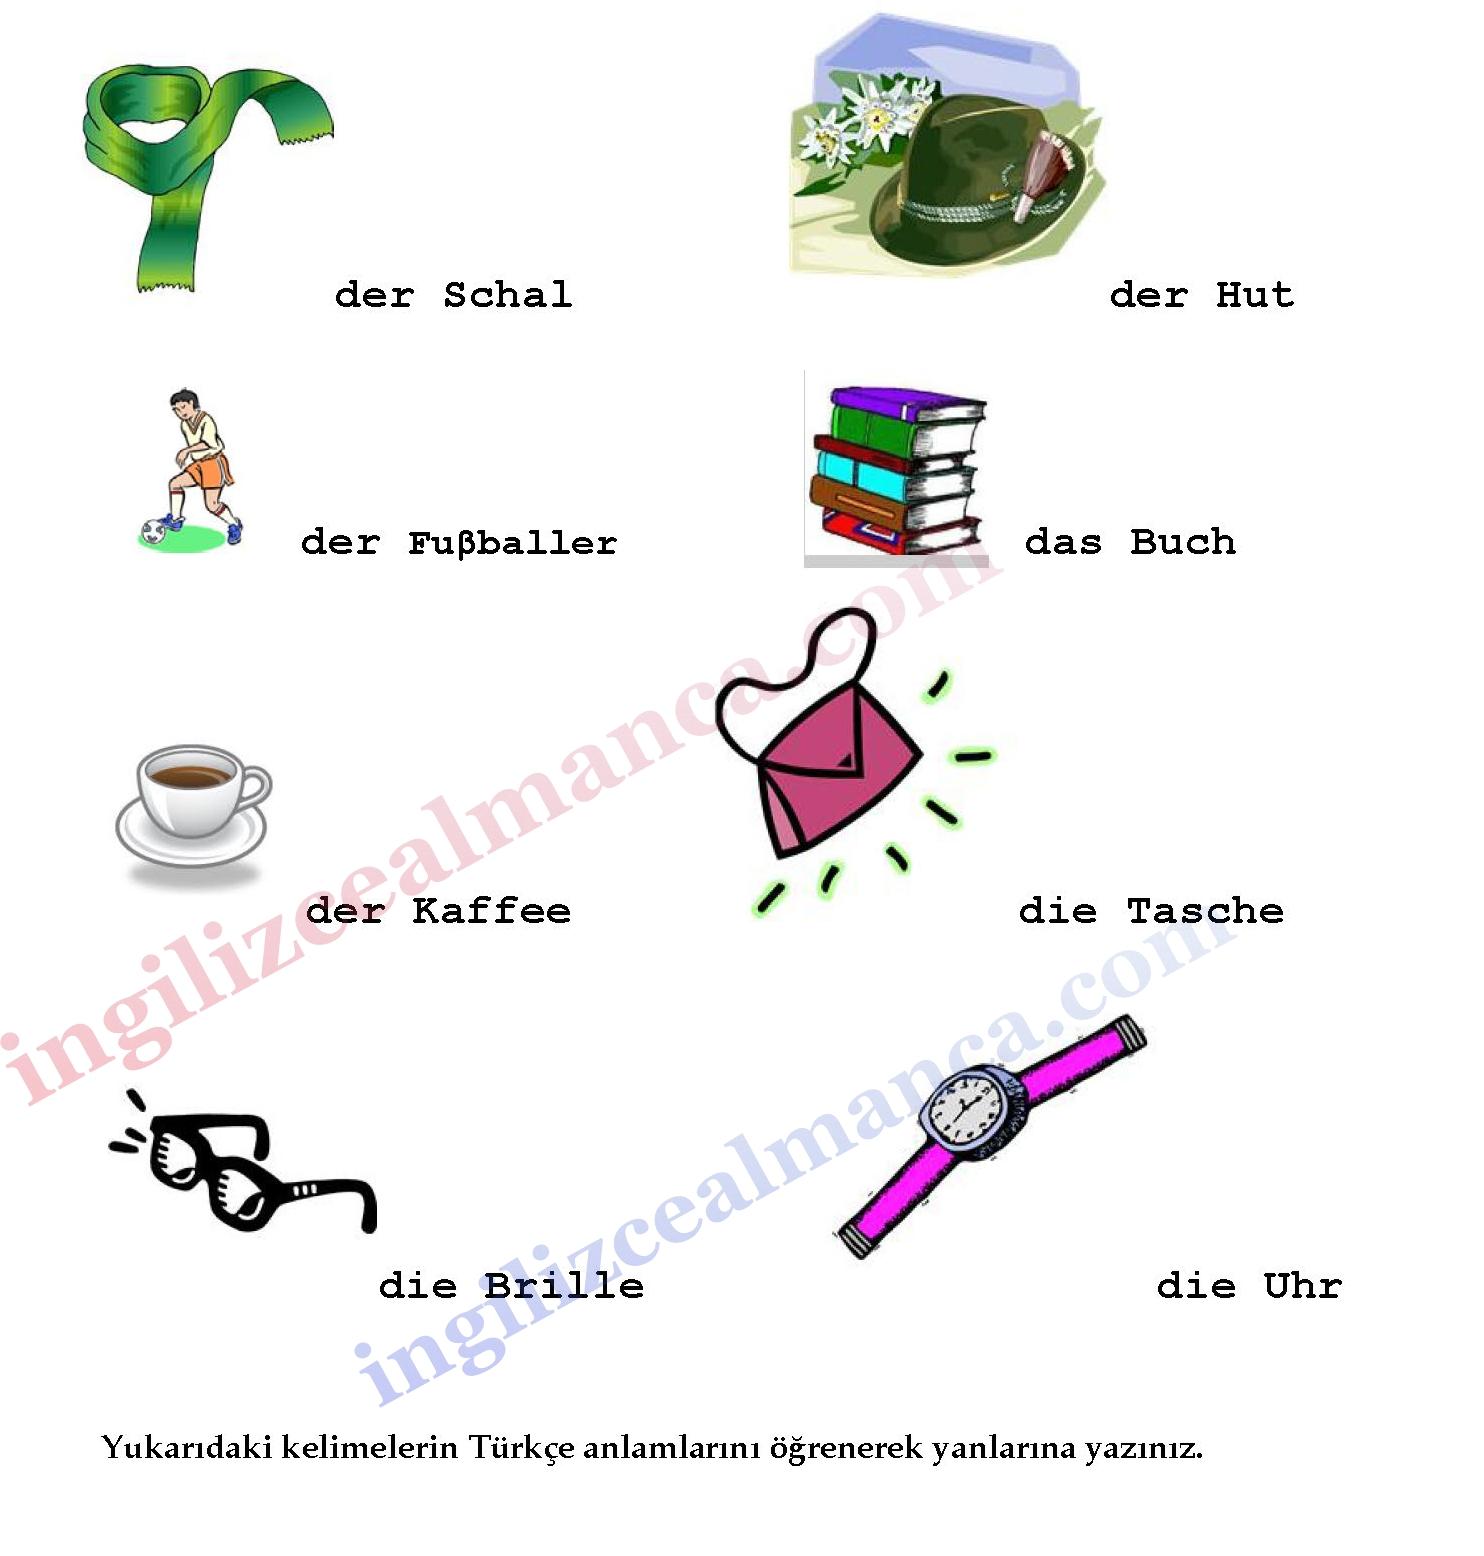 Almanca Kelimeler Resimli Ingilizce Dersleri Almanca Dersleri